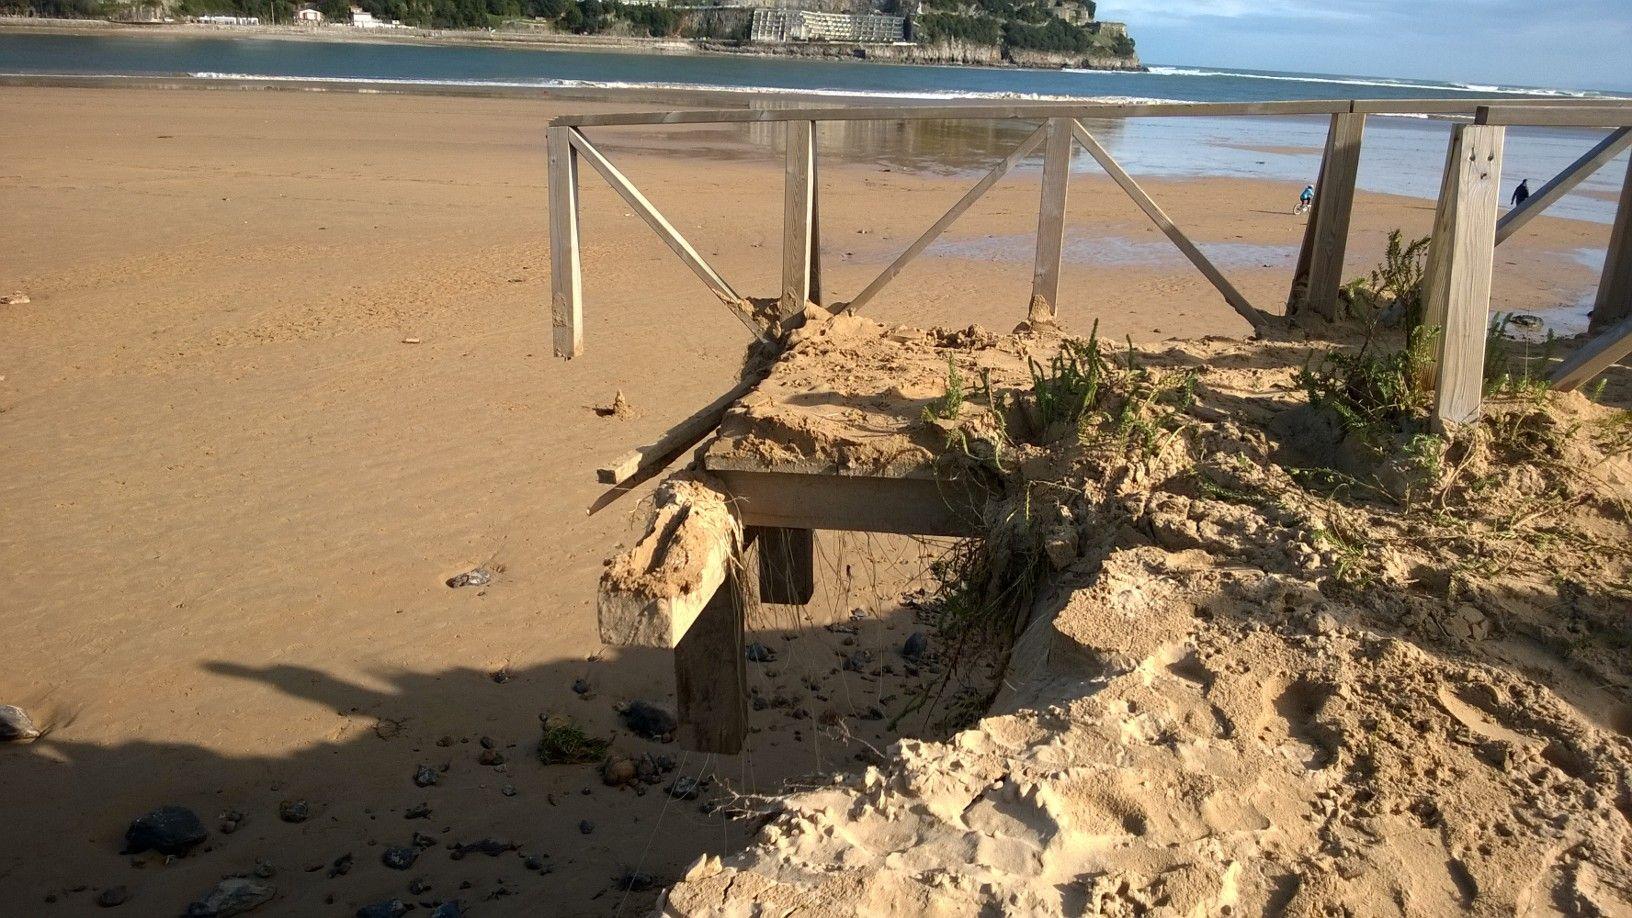 Recopilación: Galerías de los destrozos del 2 de Febrero provocados por la marea